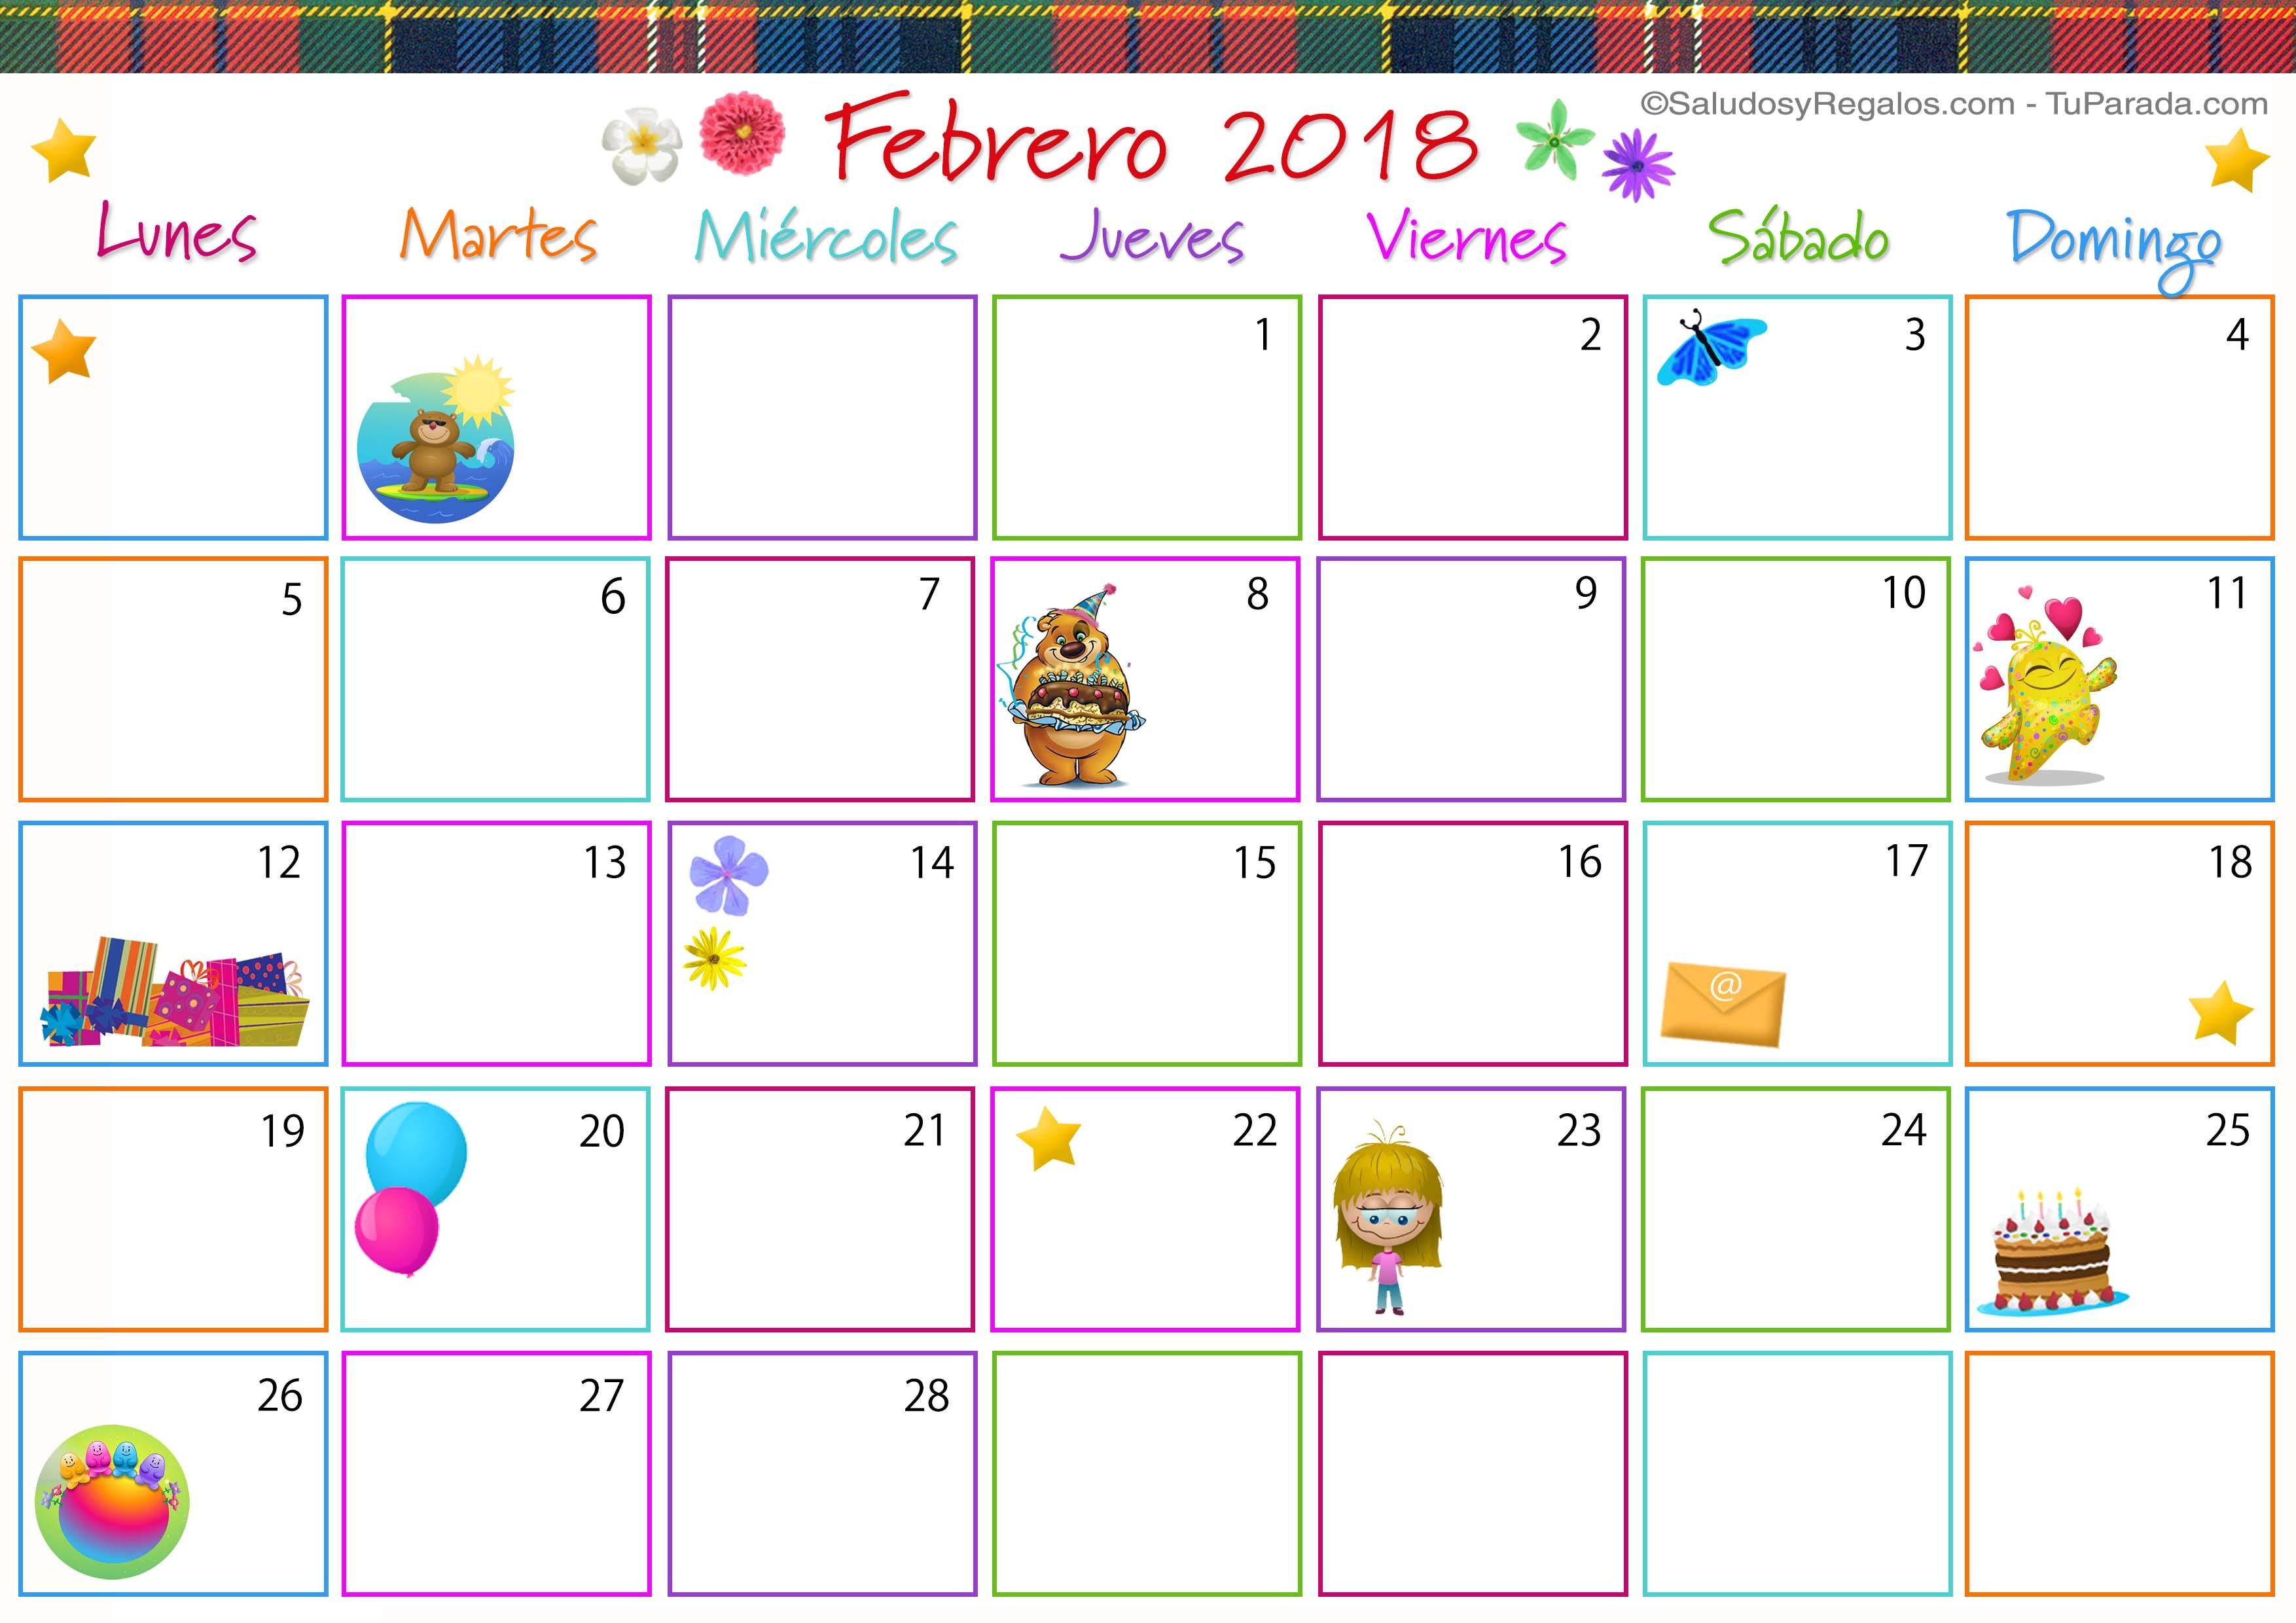 Calendario Cumpleaños Imprimir Más Recientemente Liberado forum ¤ã•¿Ê¤ eventos Para El Mes De Febrero 2018 ʤ¤ã•¿ Unitedcats